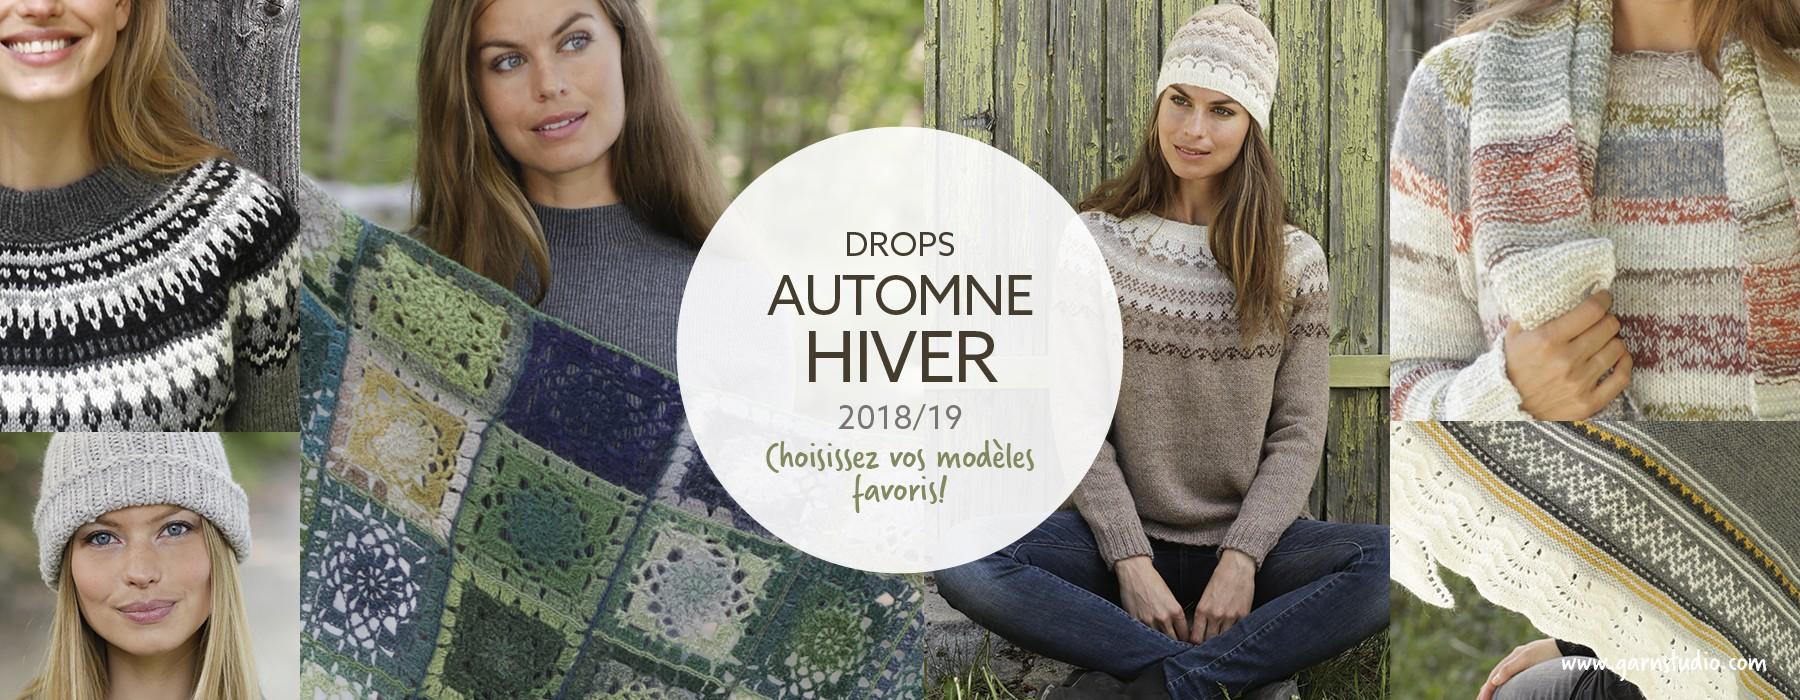 modèles automne/hiver 2018